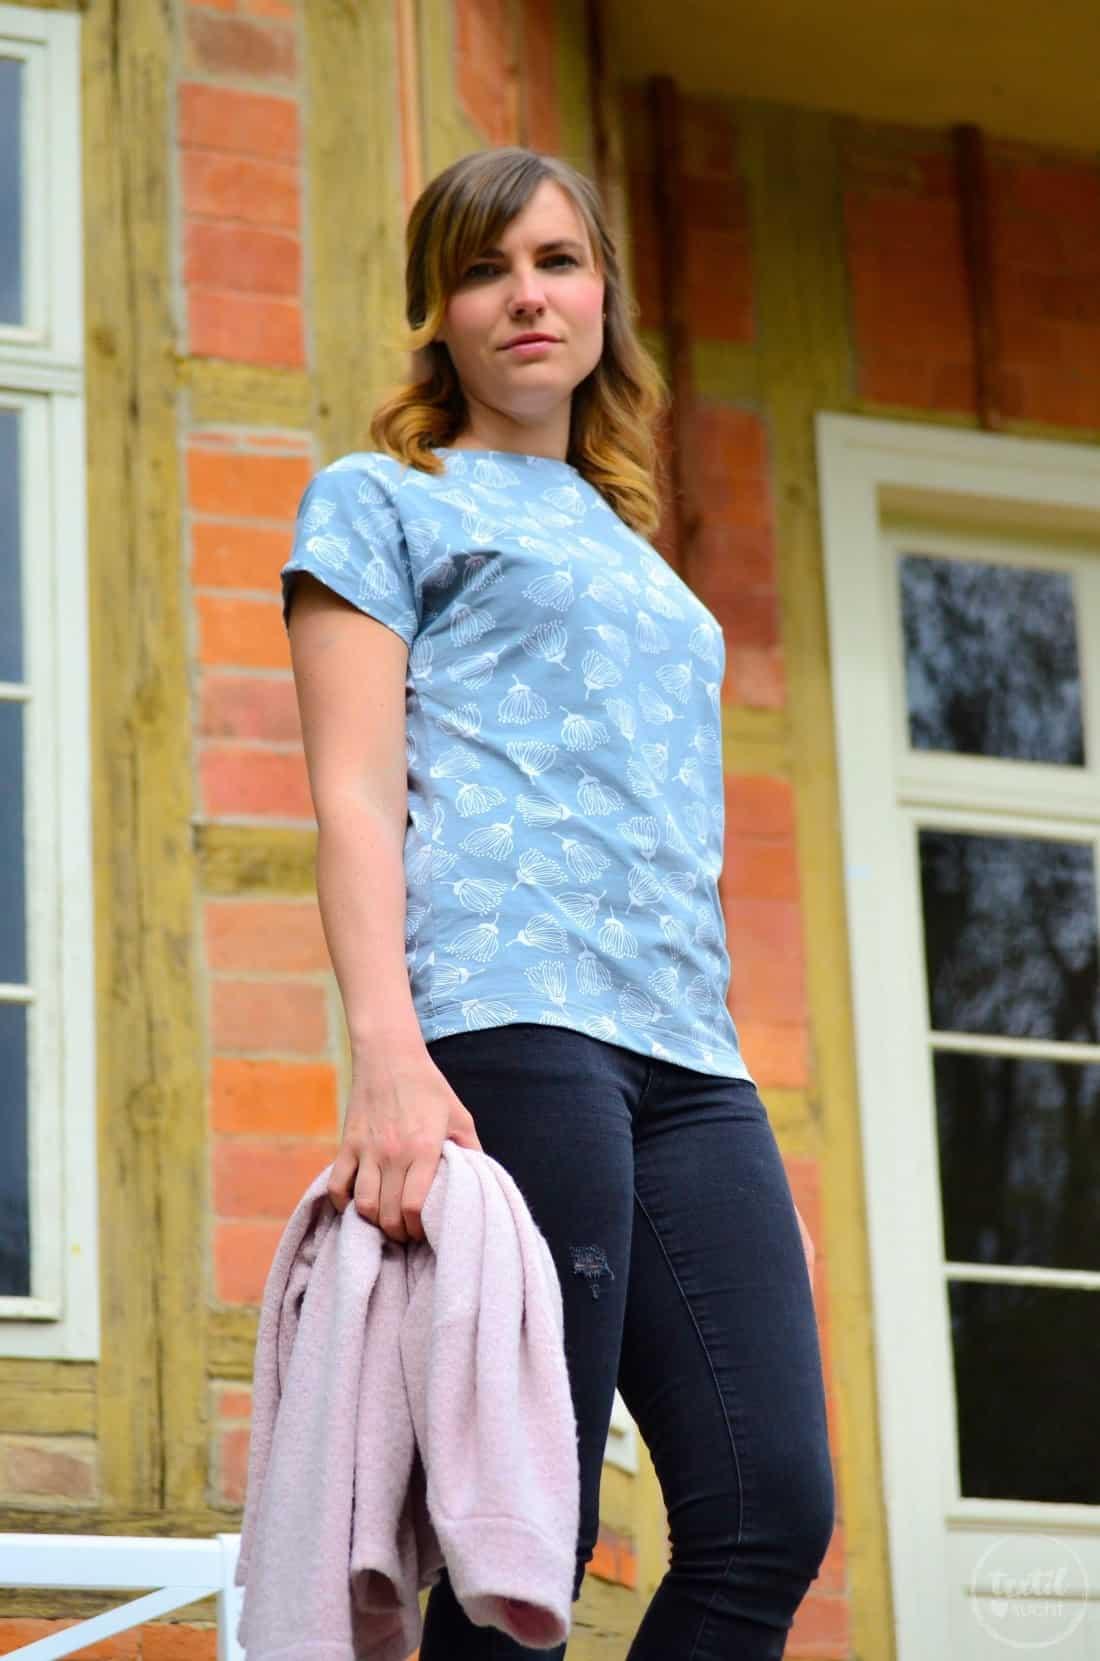 Schnittmuster Shirt Lilla aus FELICIFLORA von raxn - Bild 7 | textilsucht